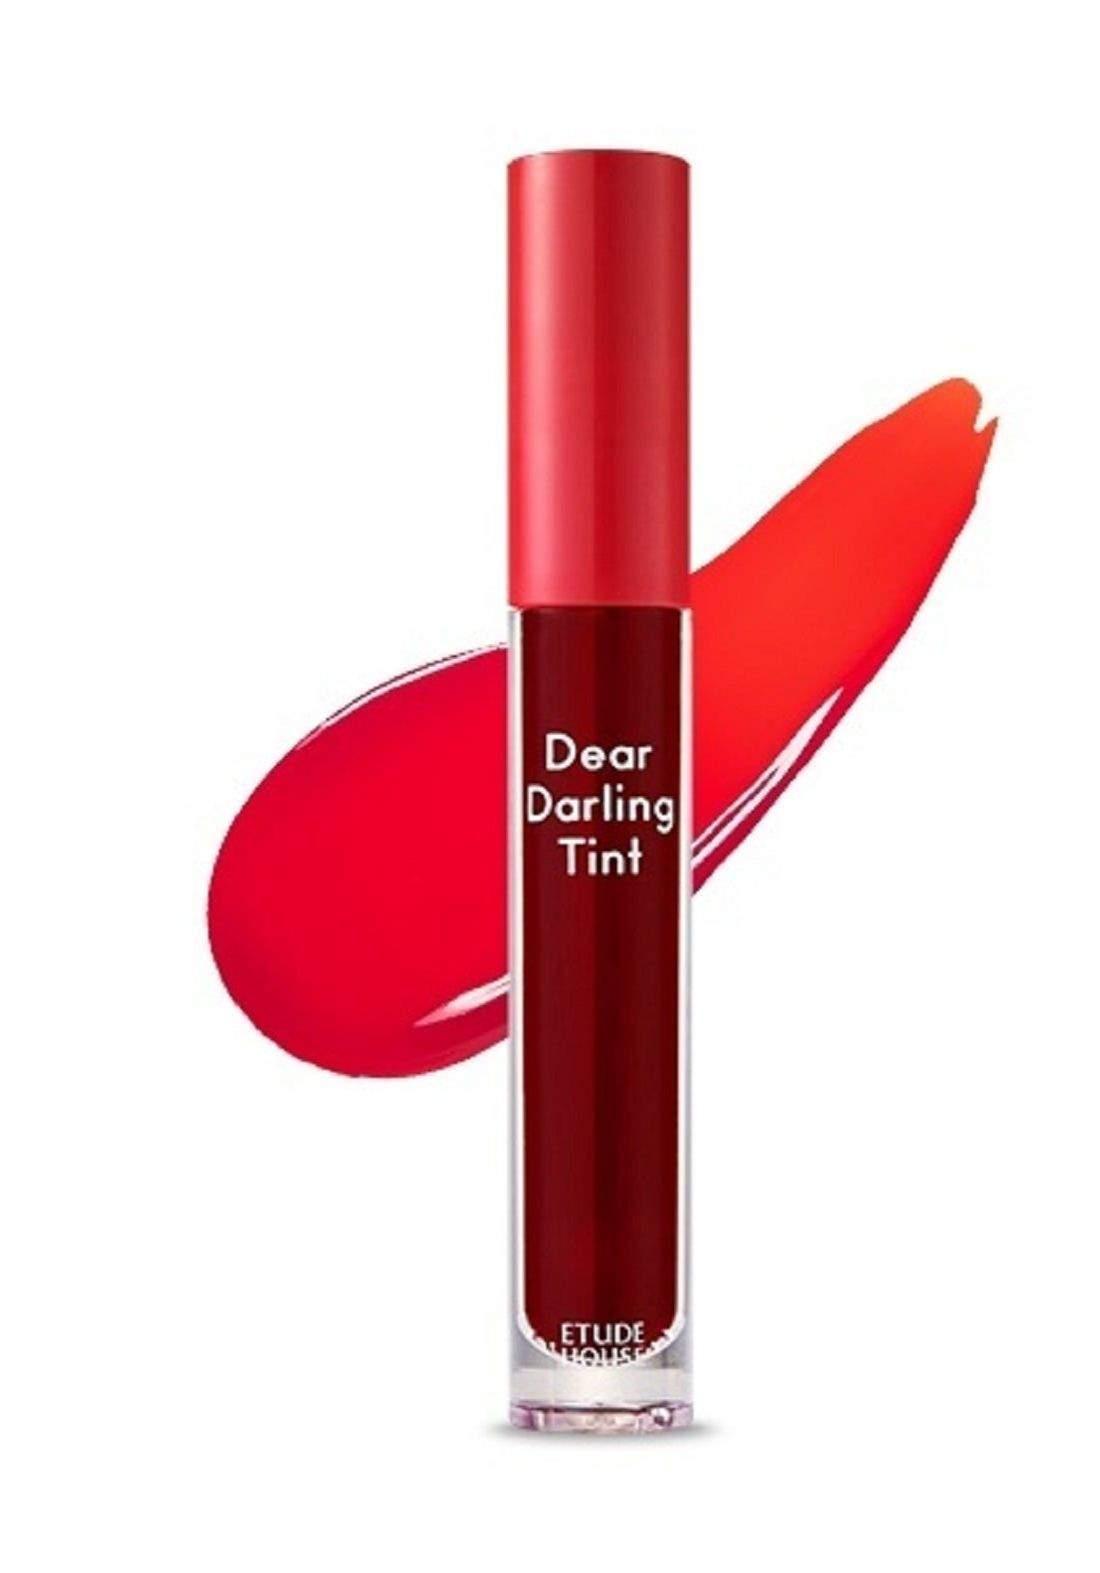 Dear Darling Lip Tint - RD301 تنت كوري من أيتود هاوس